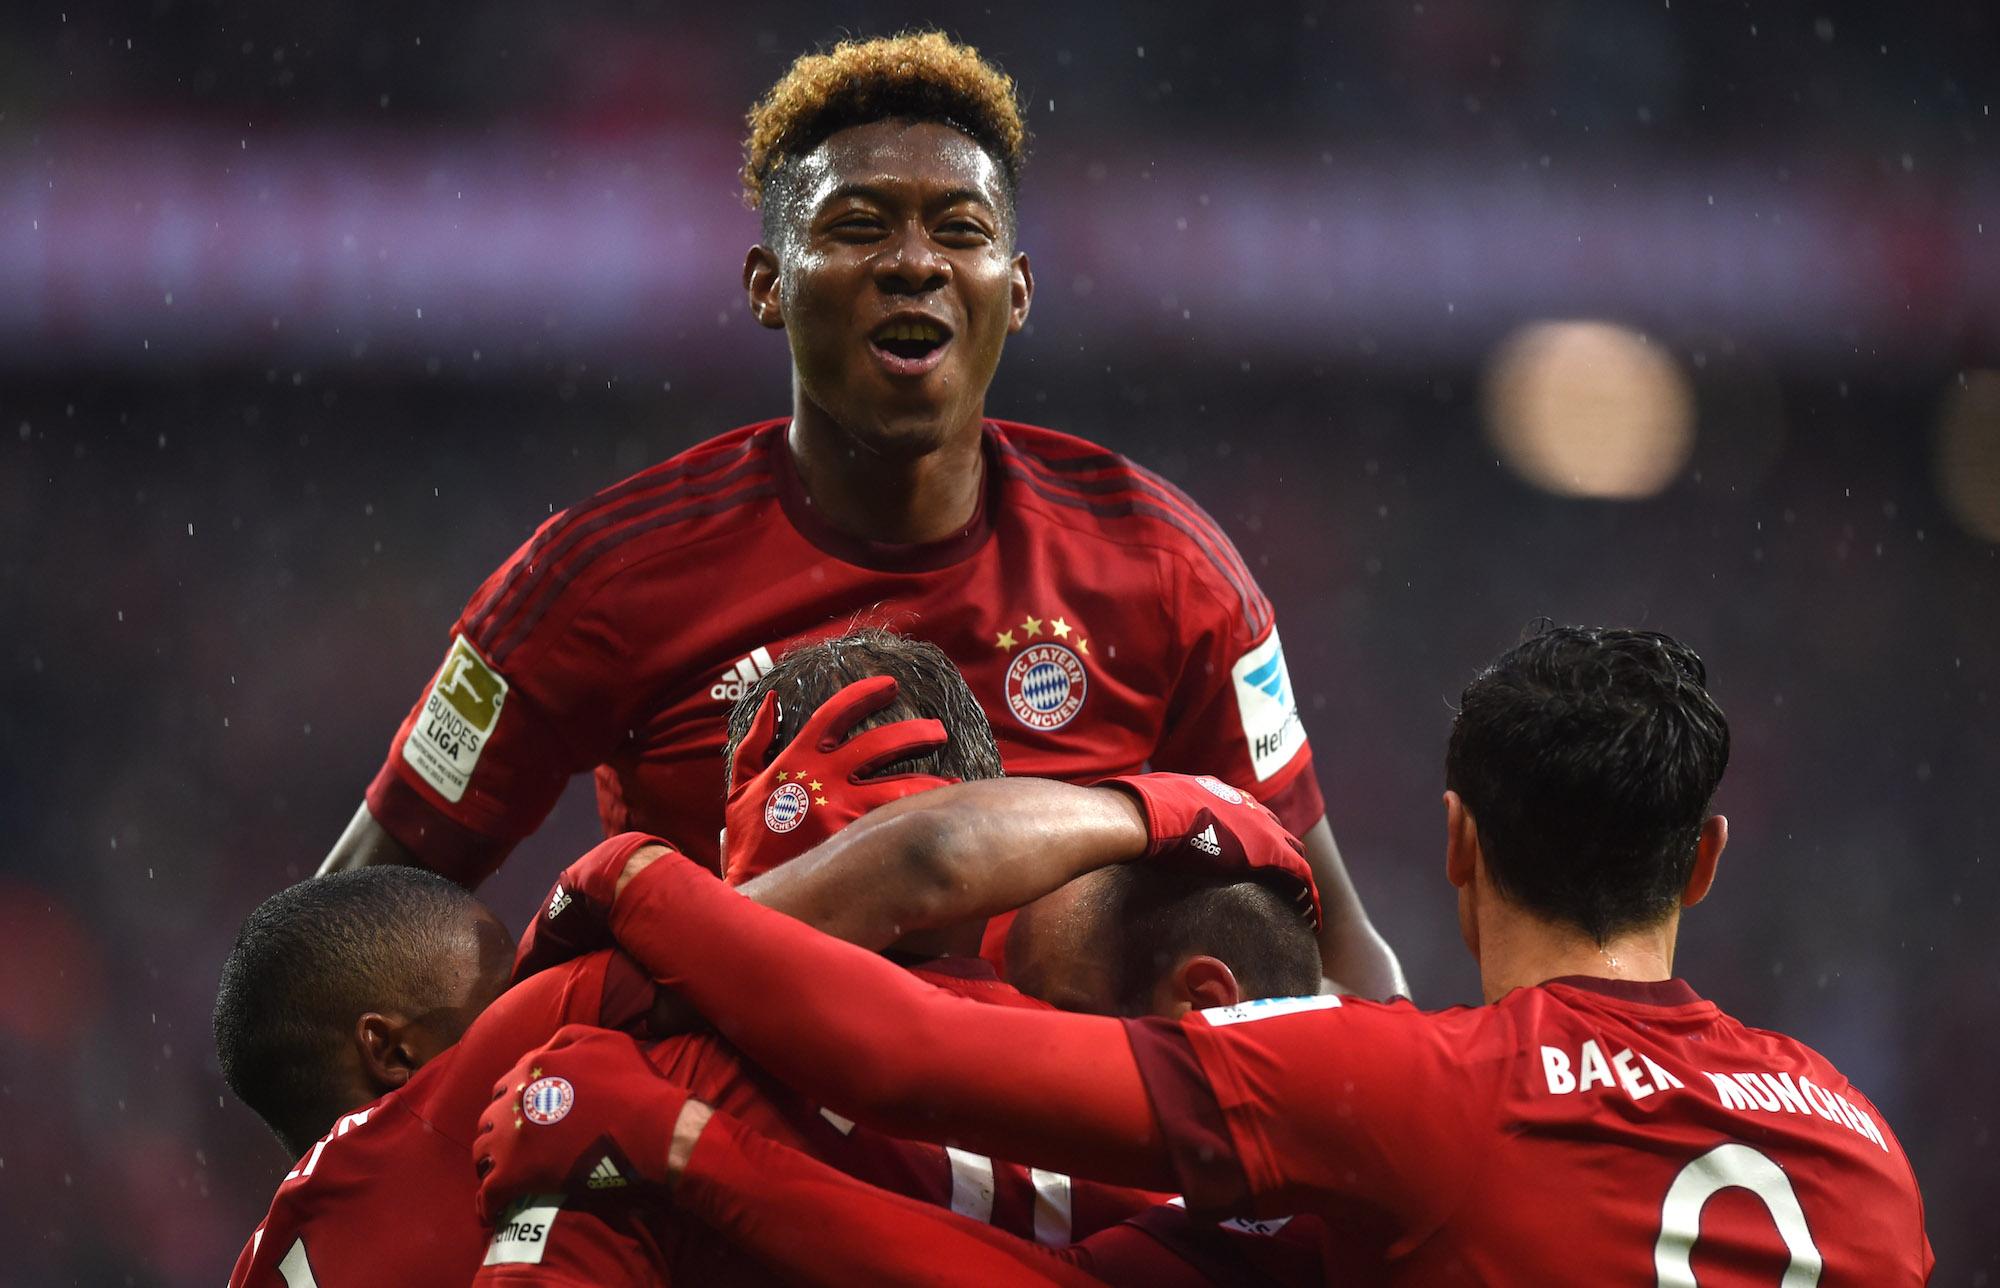 L'esultanza dei giocatori del Bayern Monaco dopo un gol contro il Darmstadt